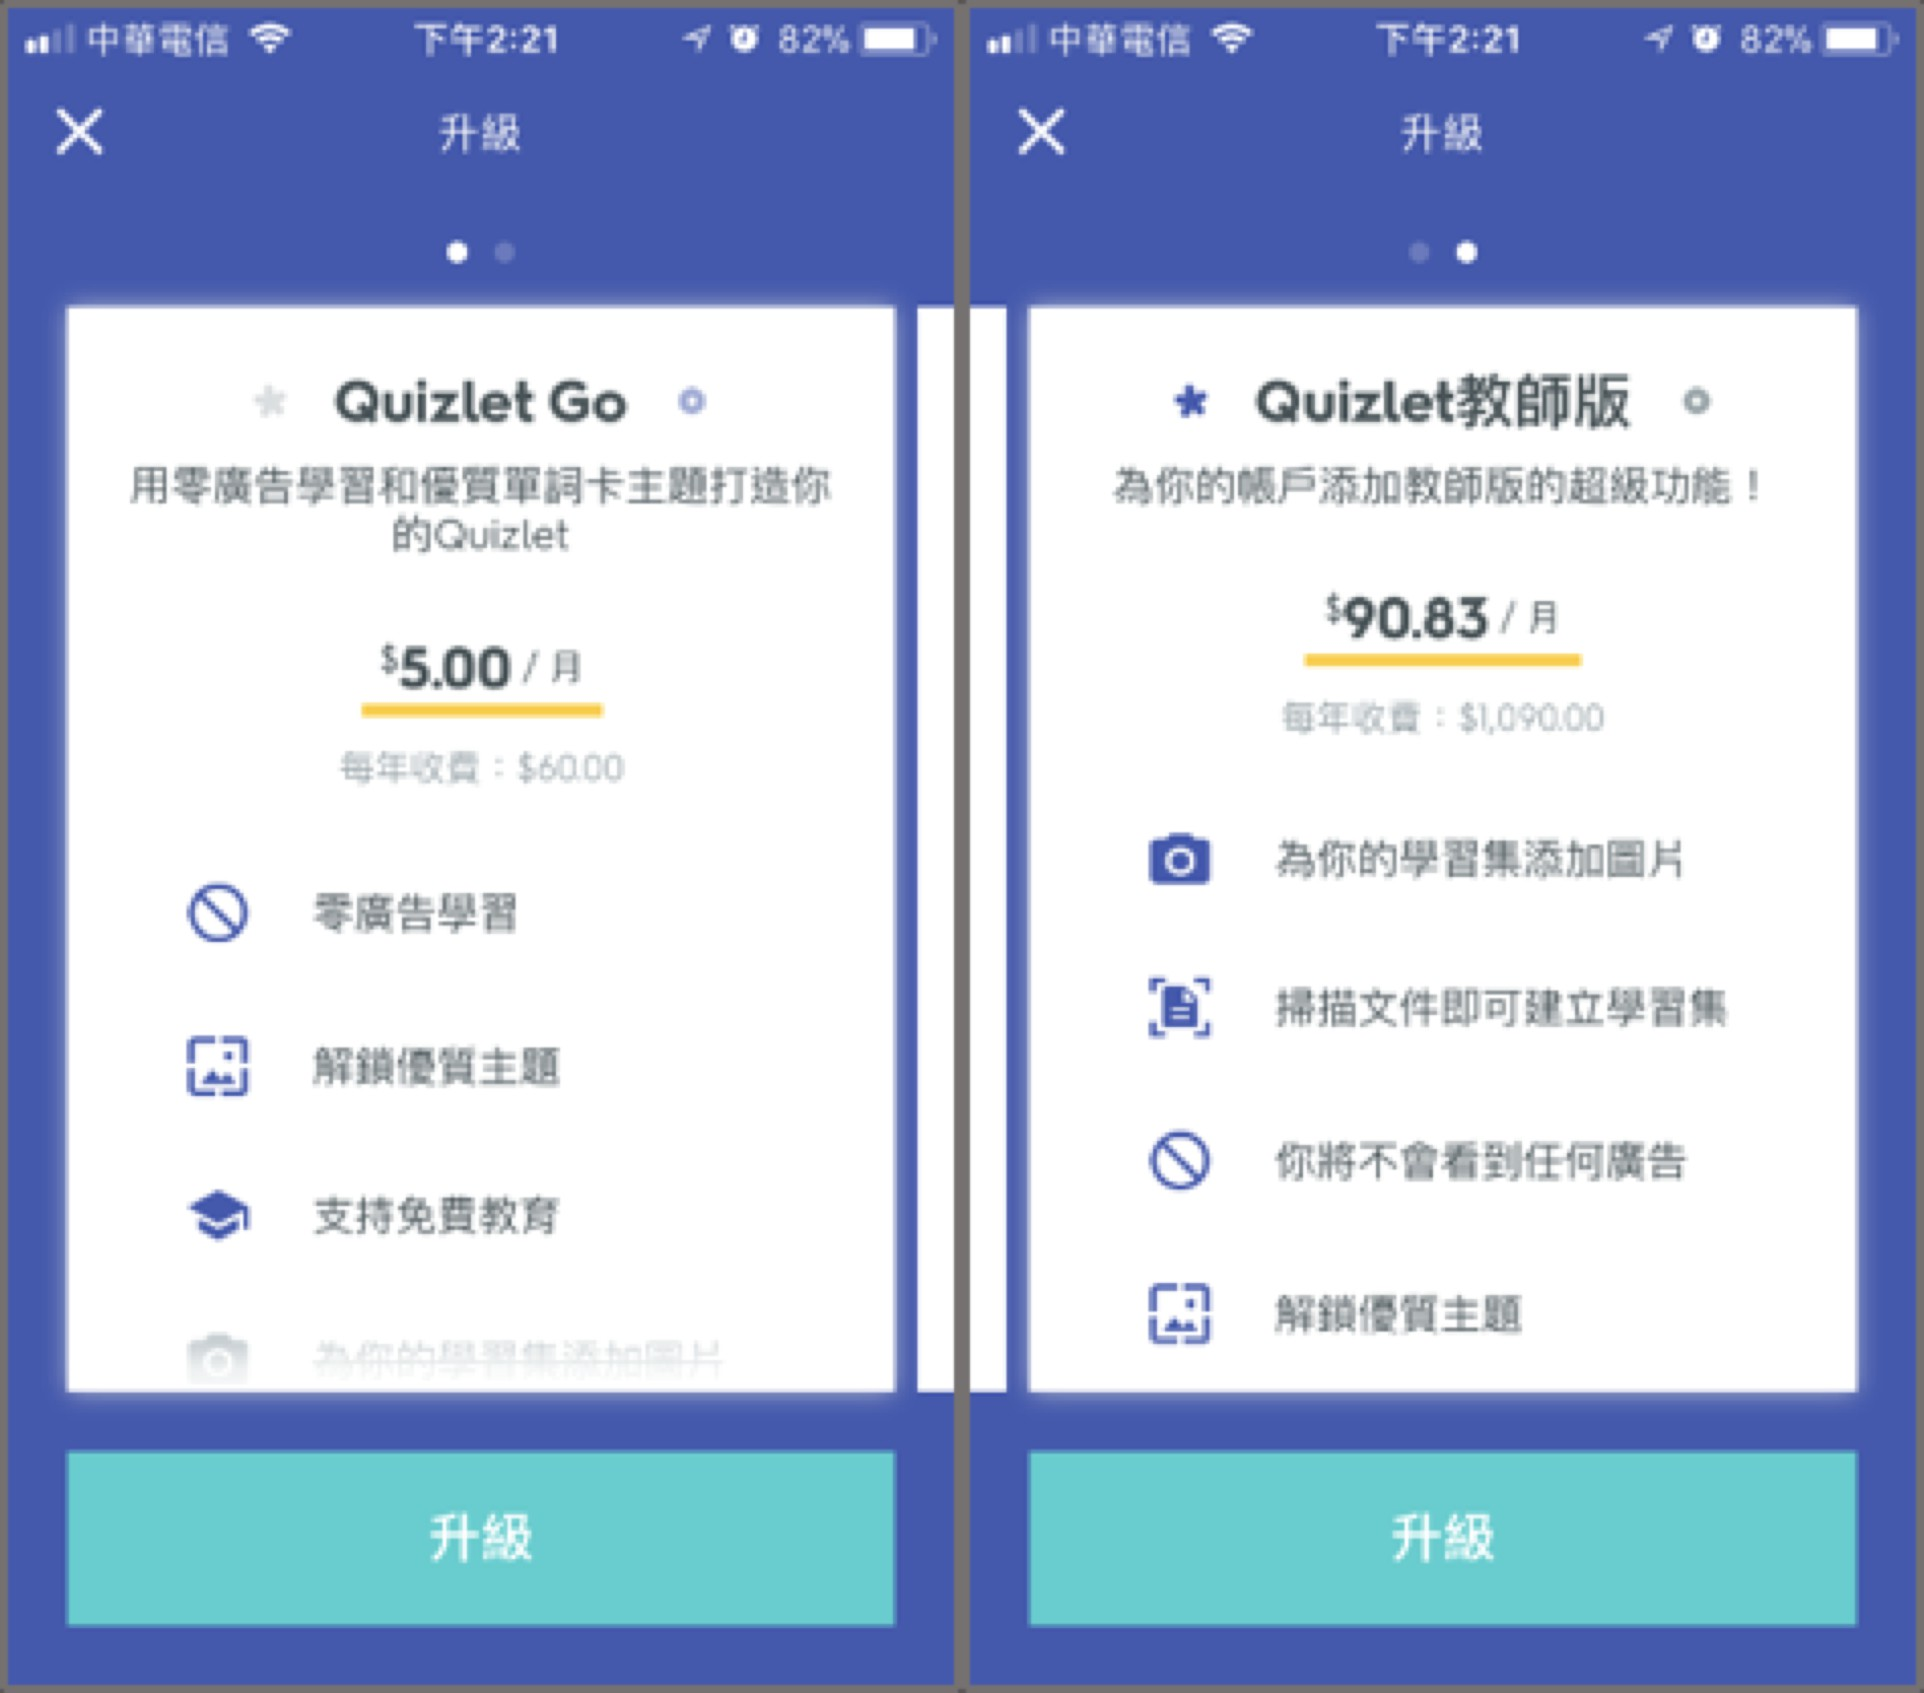 Quizlet 字卡式學習 App,超過上億種課程免費學習! 1